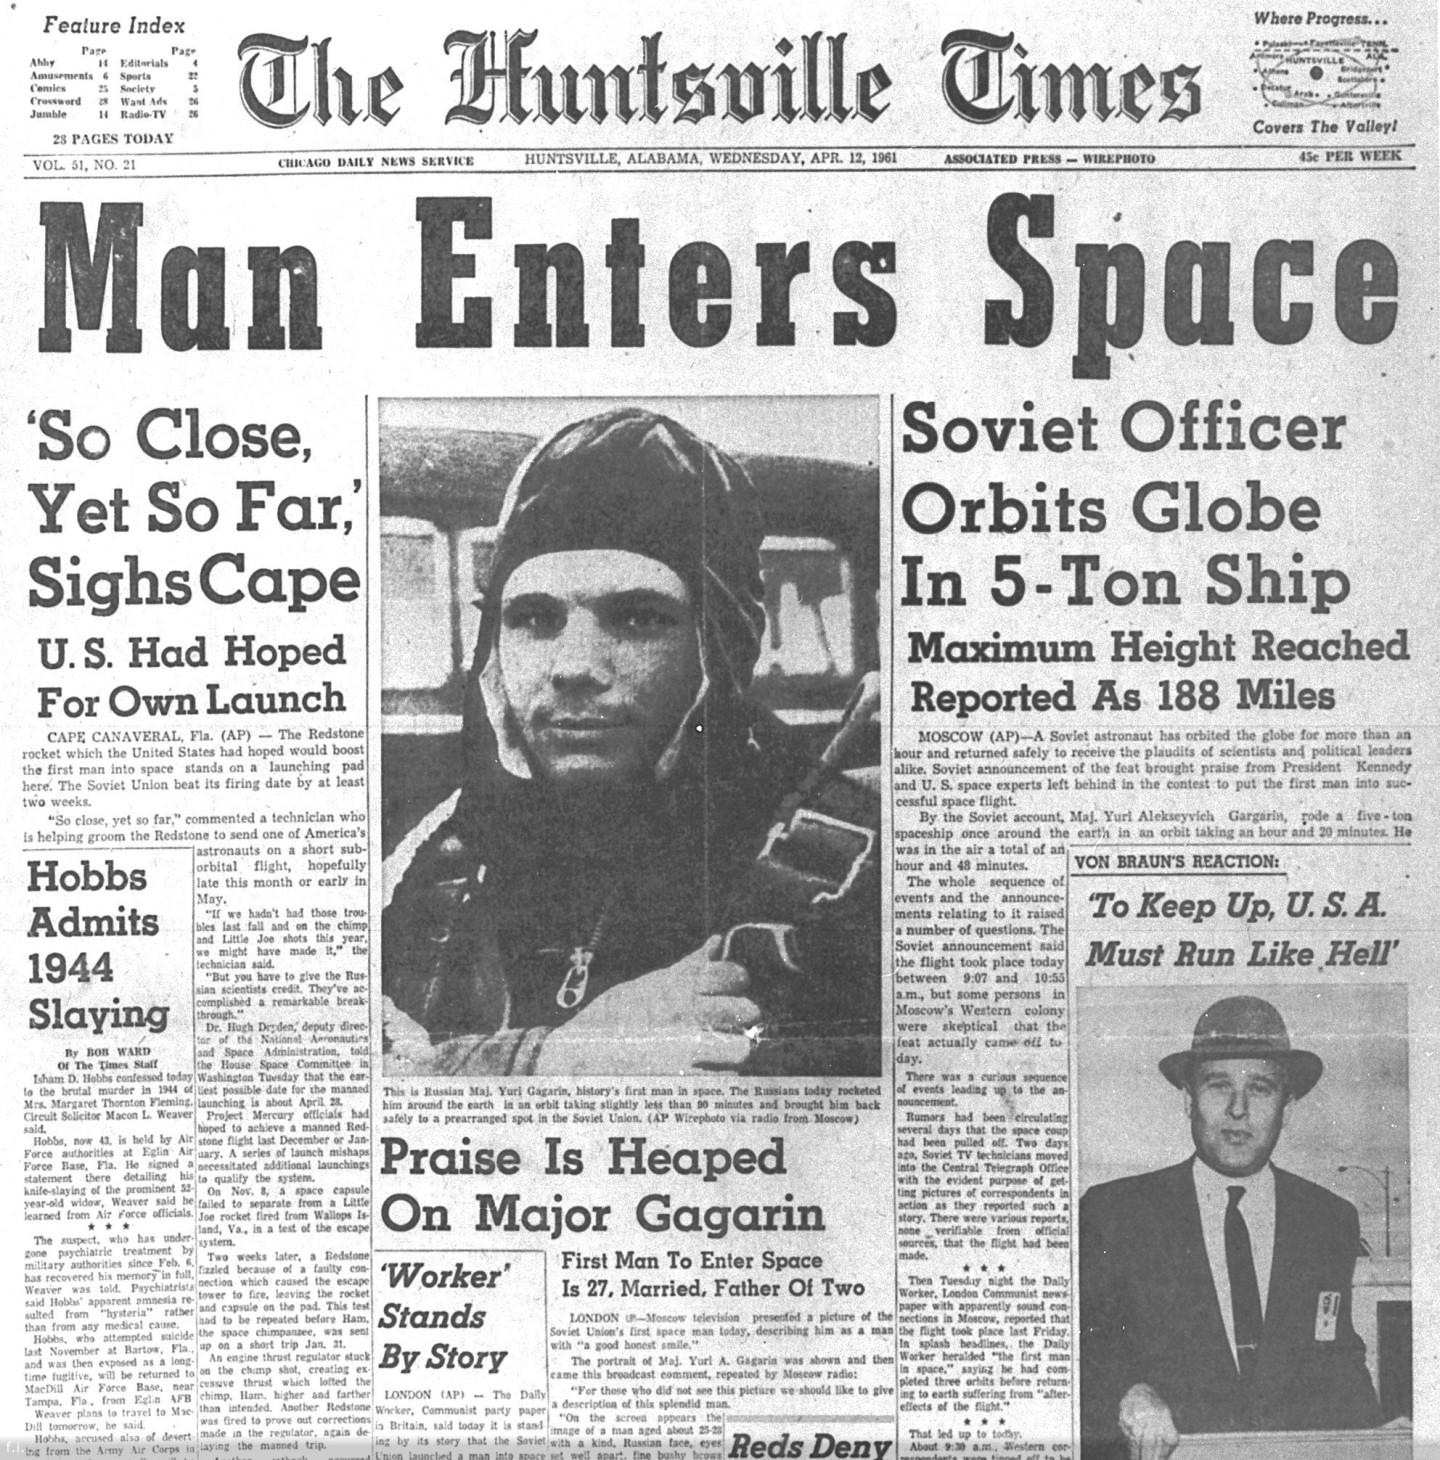 Первая полоса газеты The Huntsville Times от 12 апреля 1961